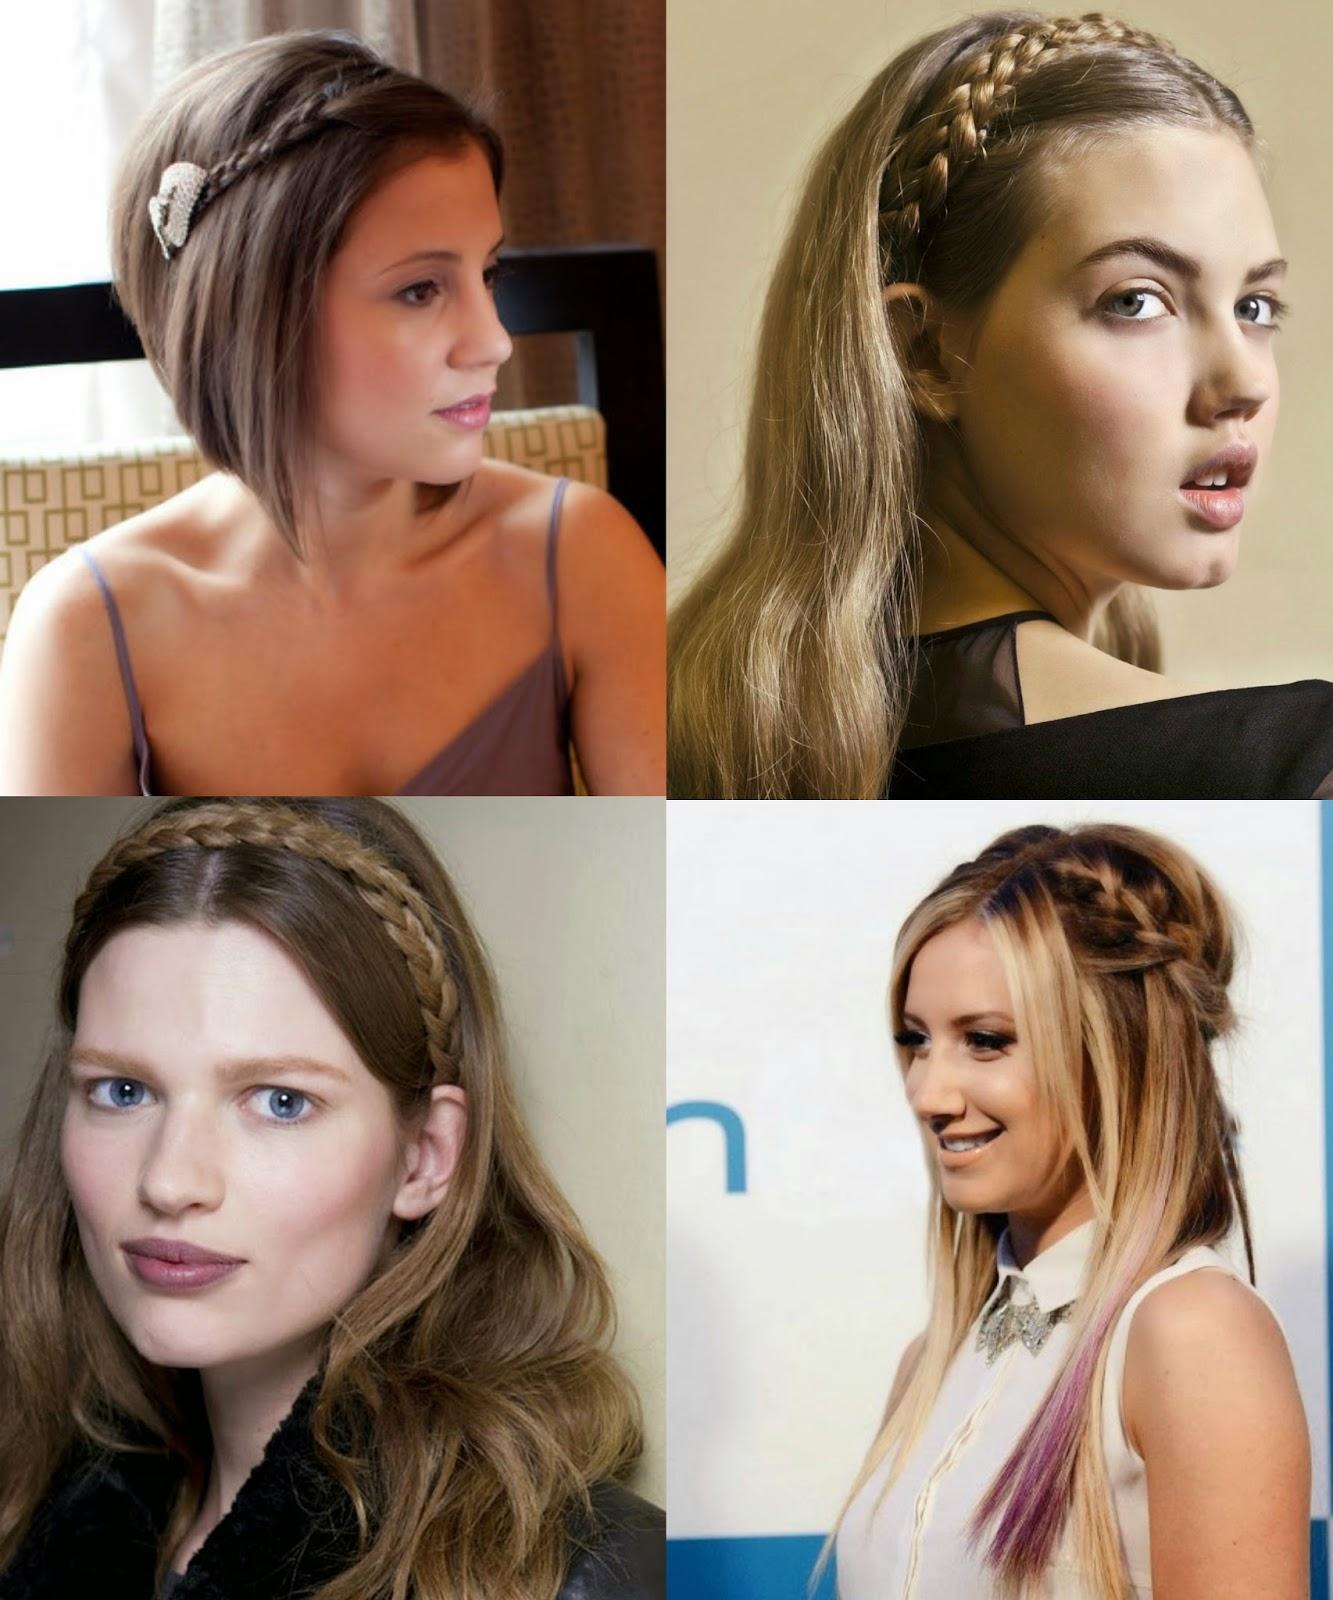 Peinados Con Flequillo Y Trenzas El Flequillo Hacia El Costado Es - Peinados-para-el-flequillo